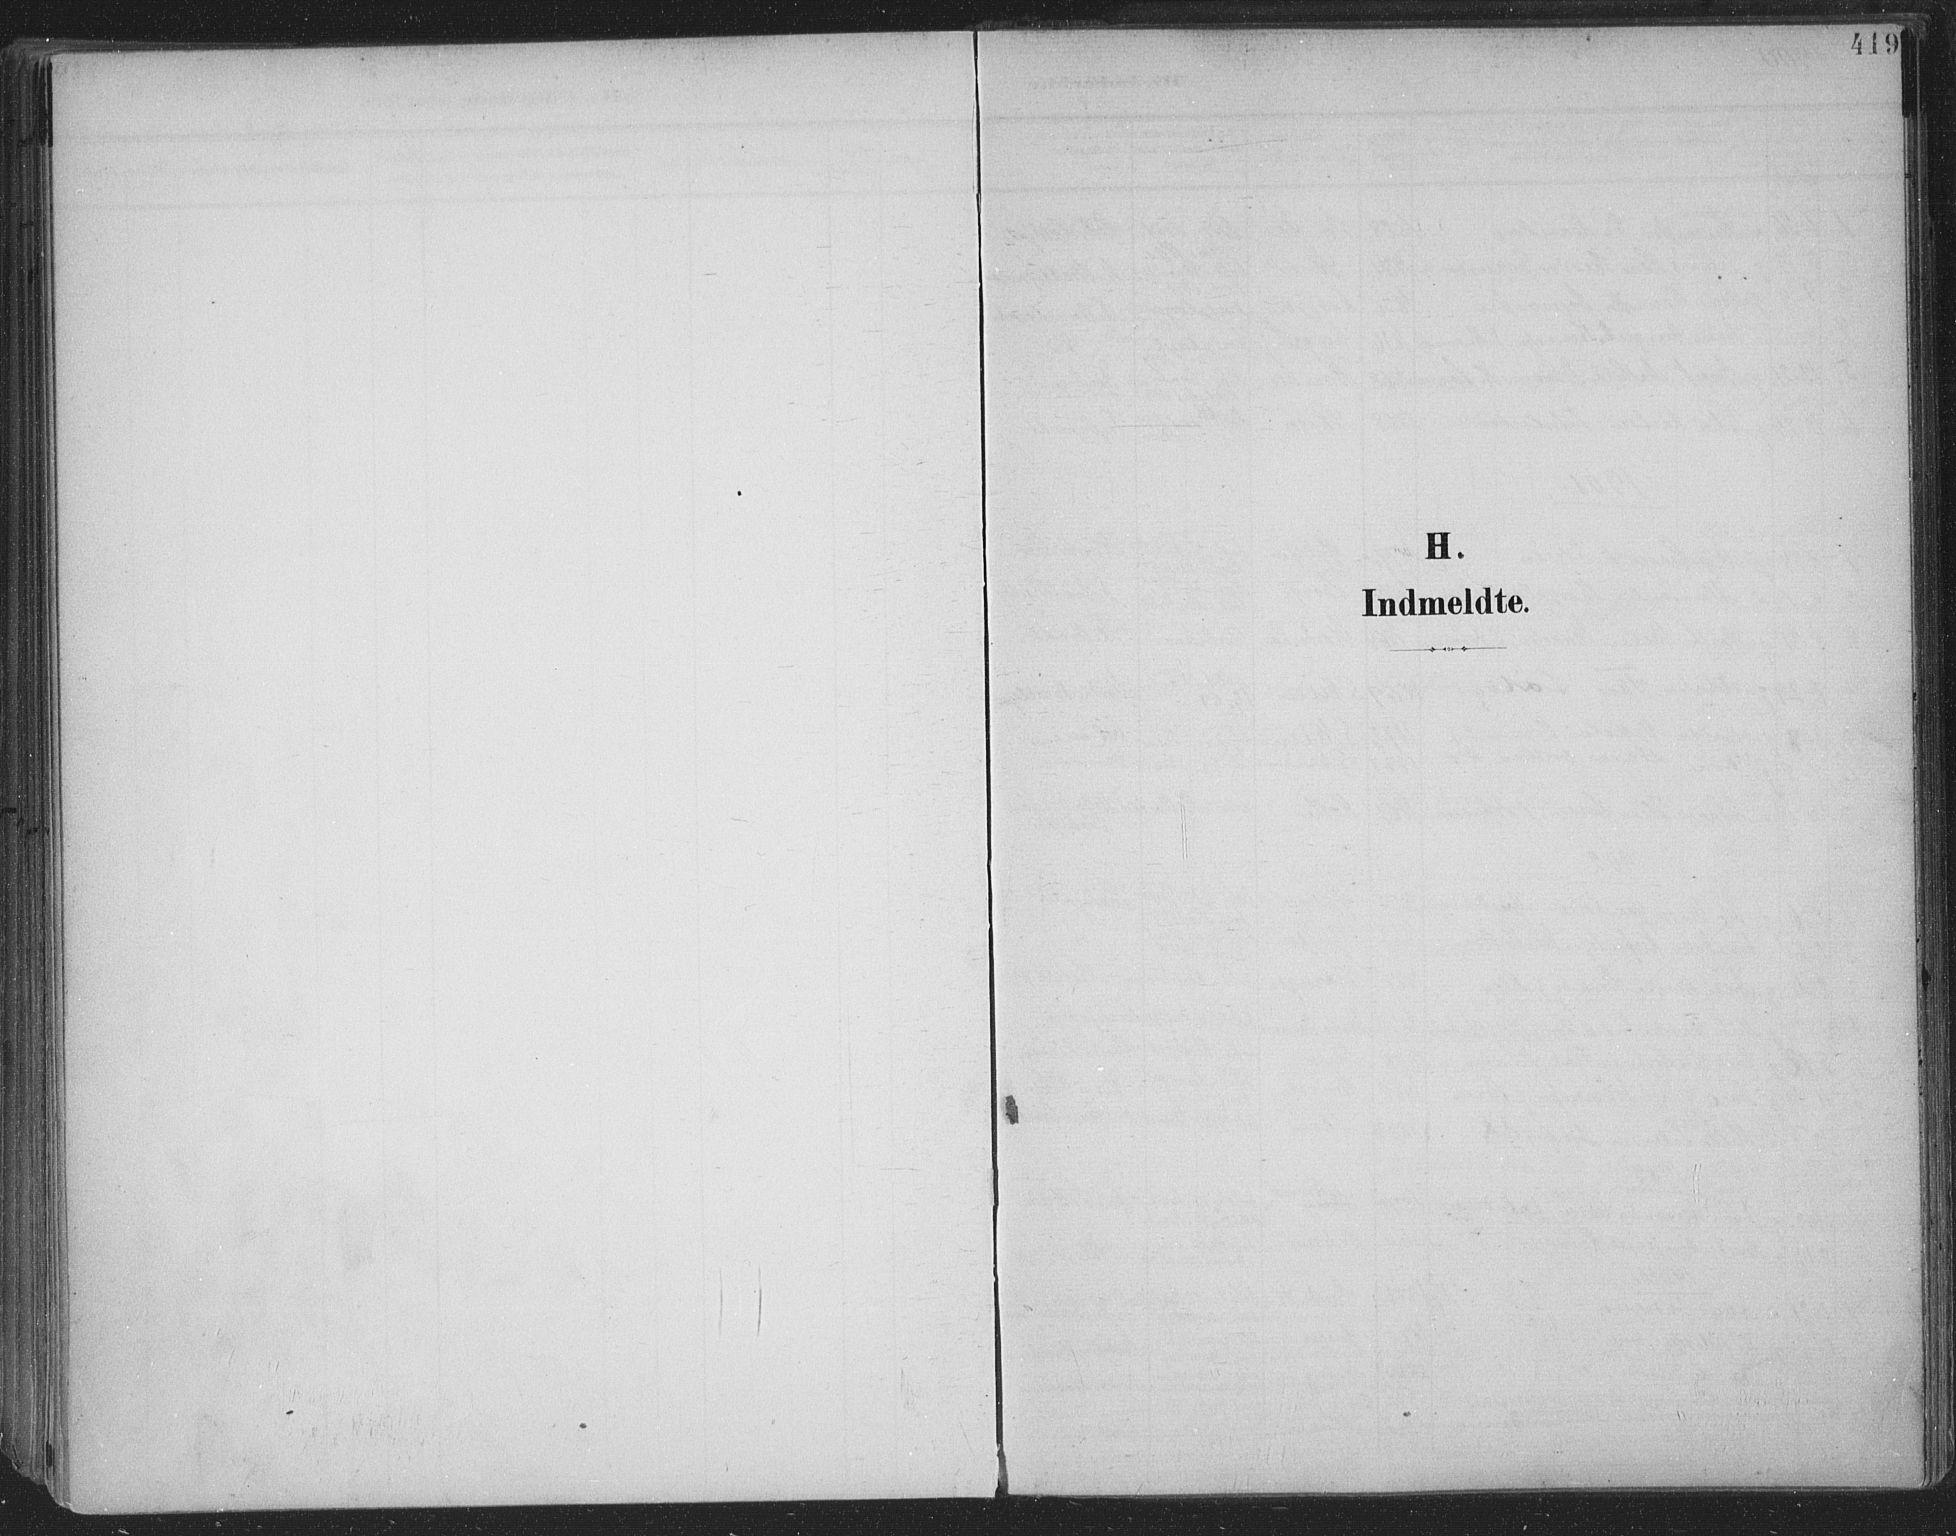 SAKO, Skien kirkebøker, F/Fa/L0011: Ministerialbok nr. 11, 1900-1907, s. 419